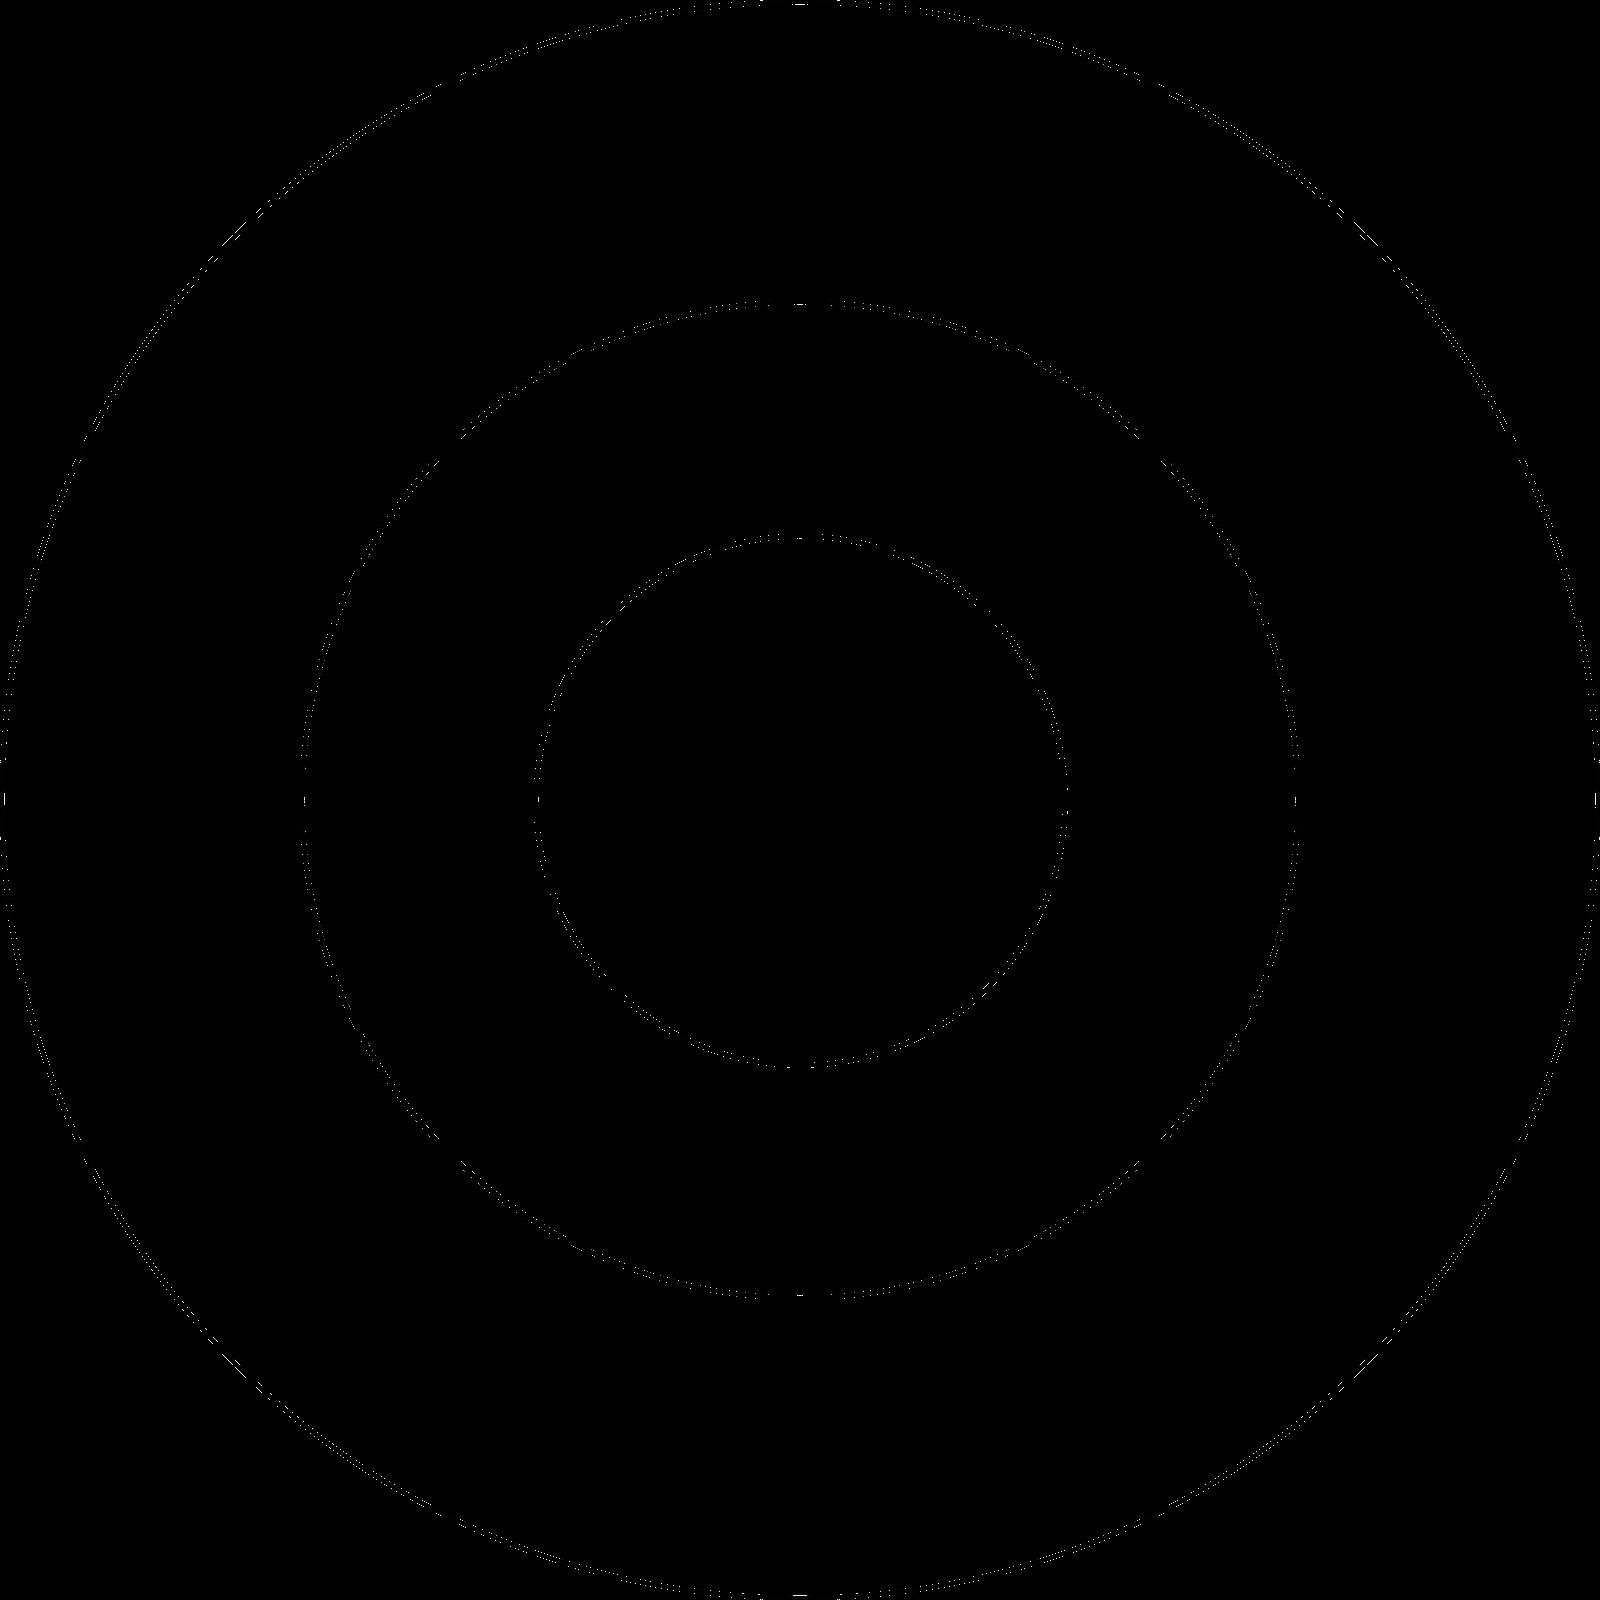 circle-new